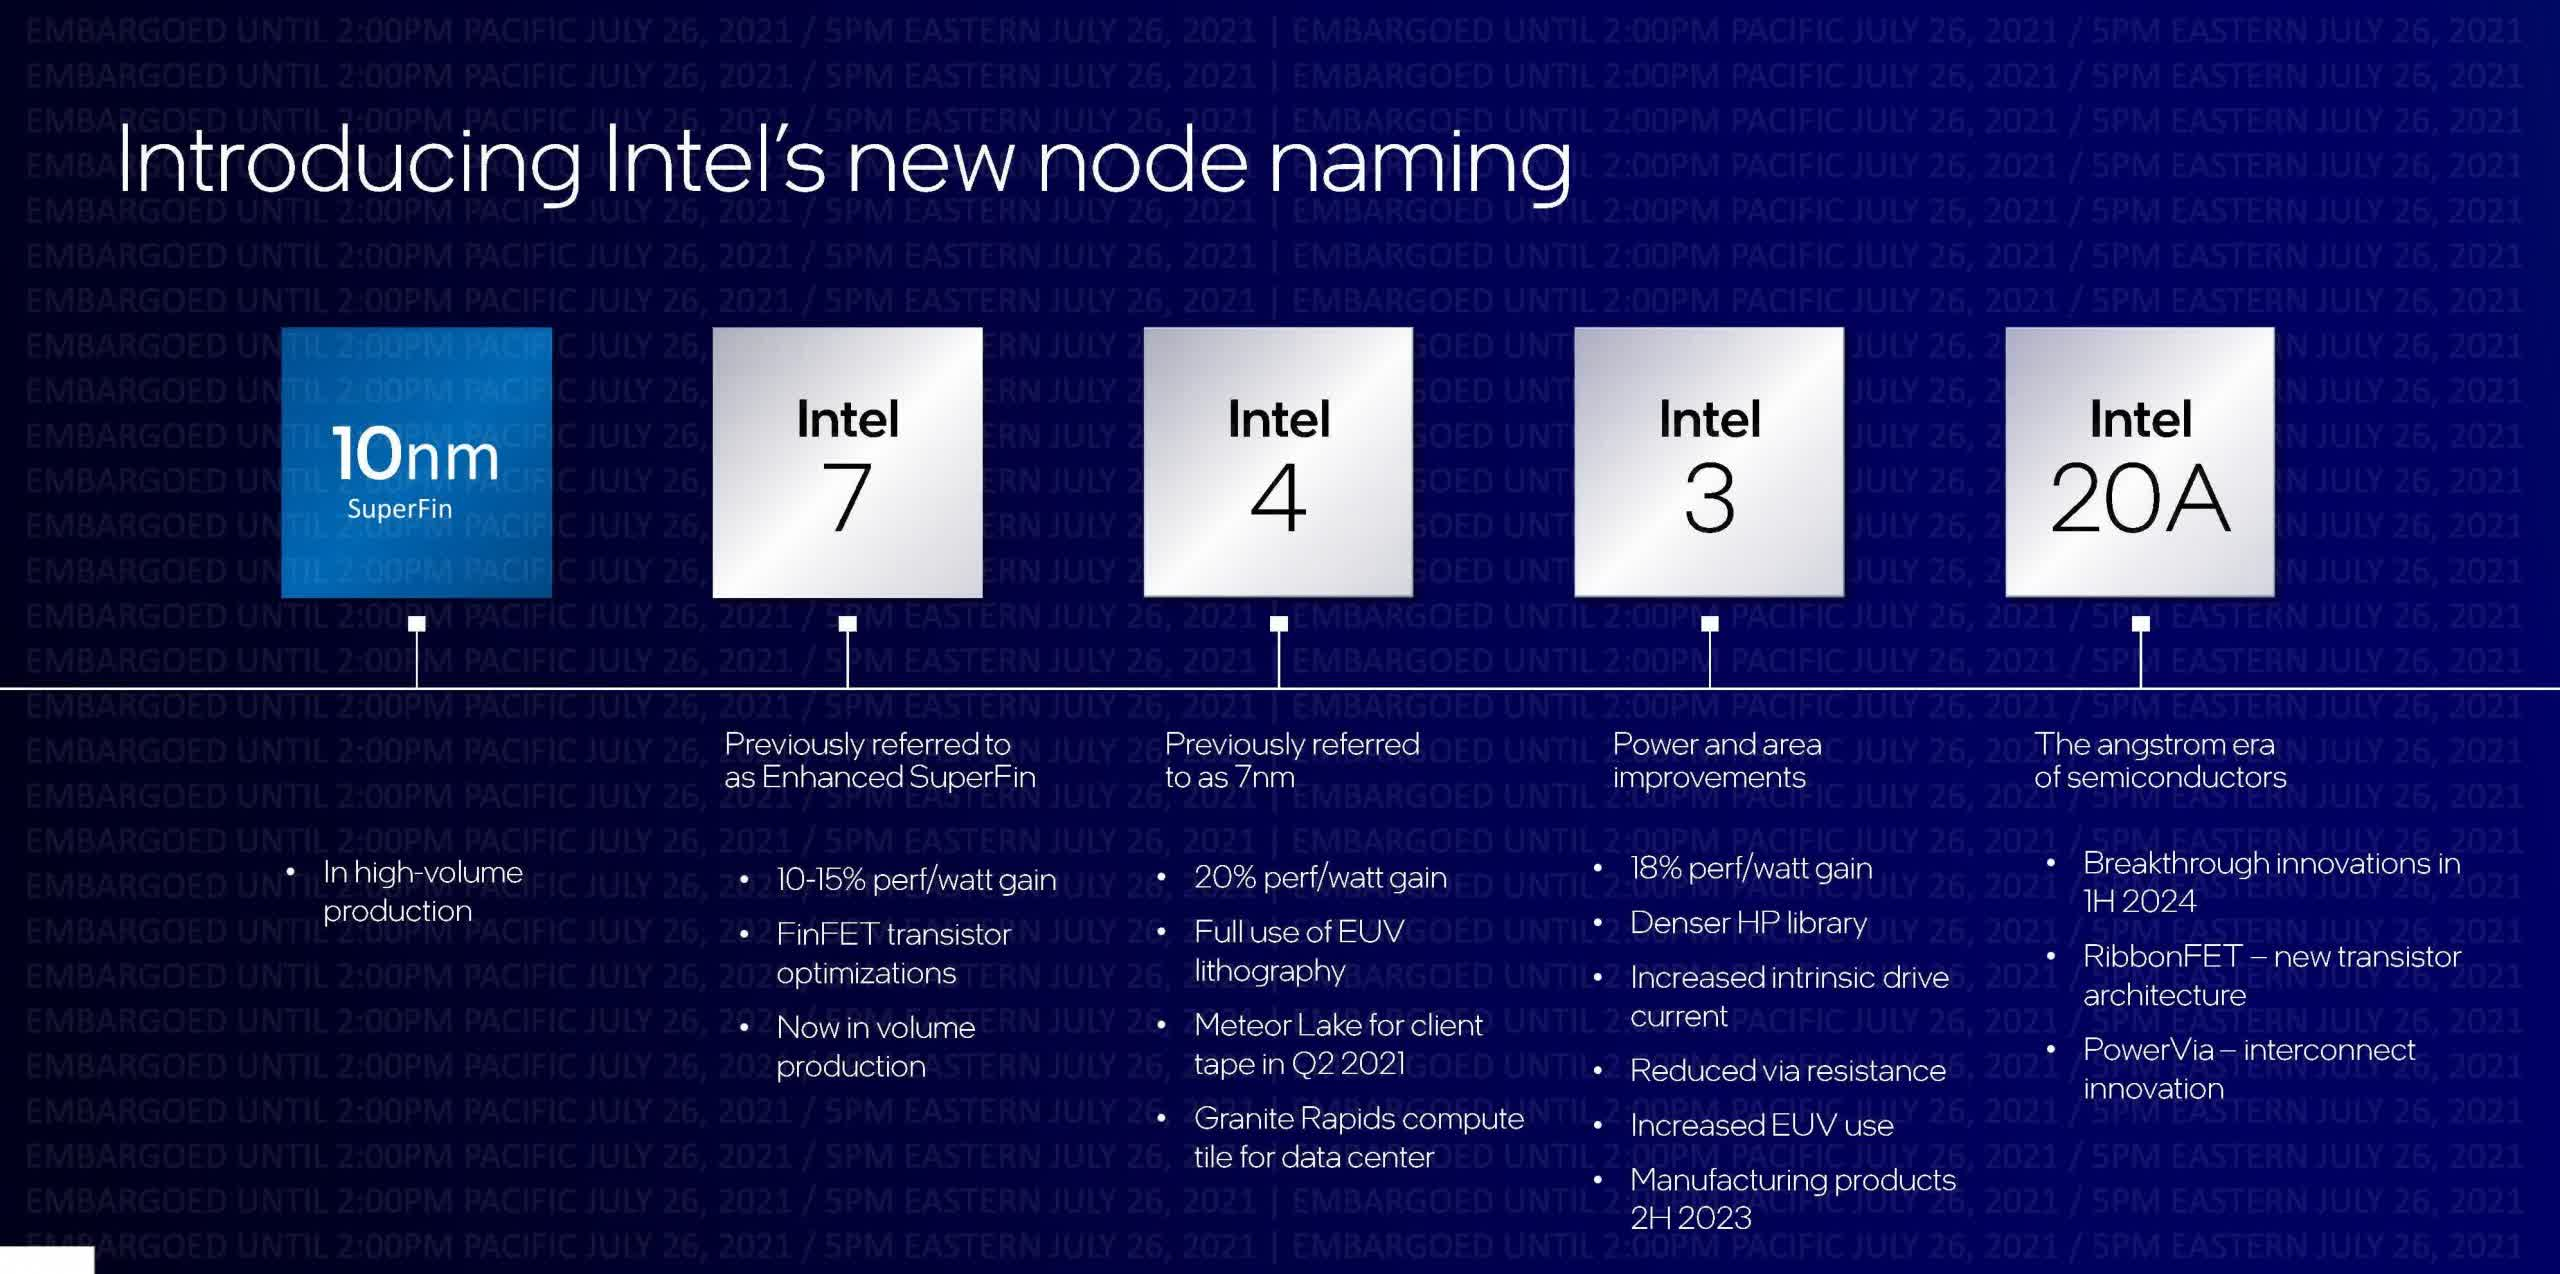 Intel fabriquera des puces pour Qualcomm alors quil cherche a